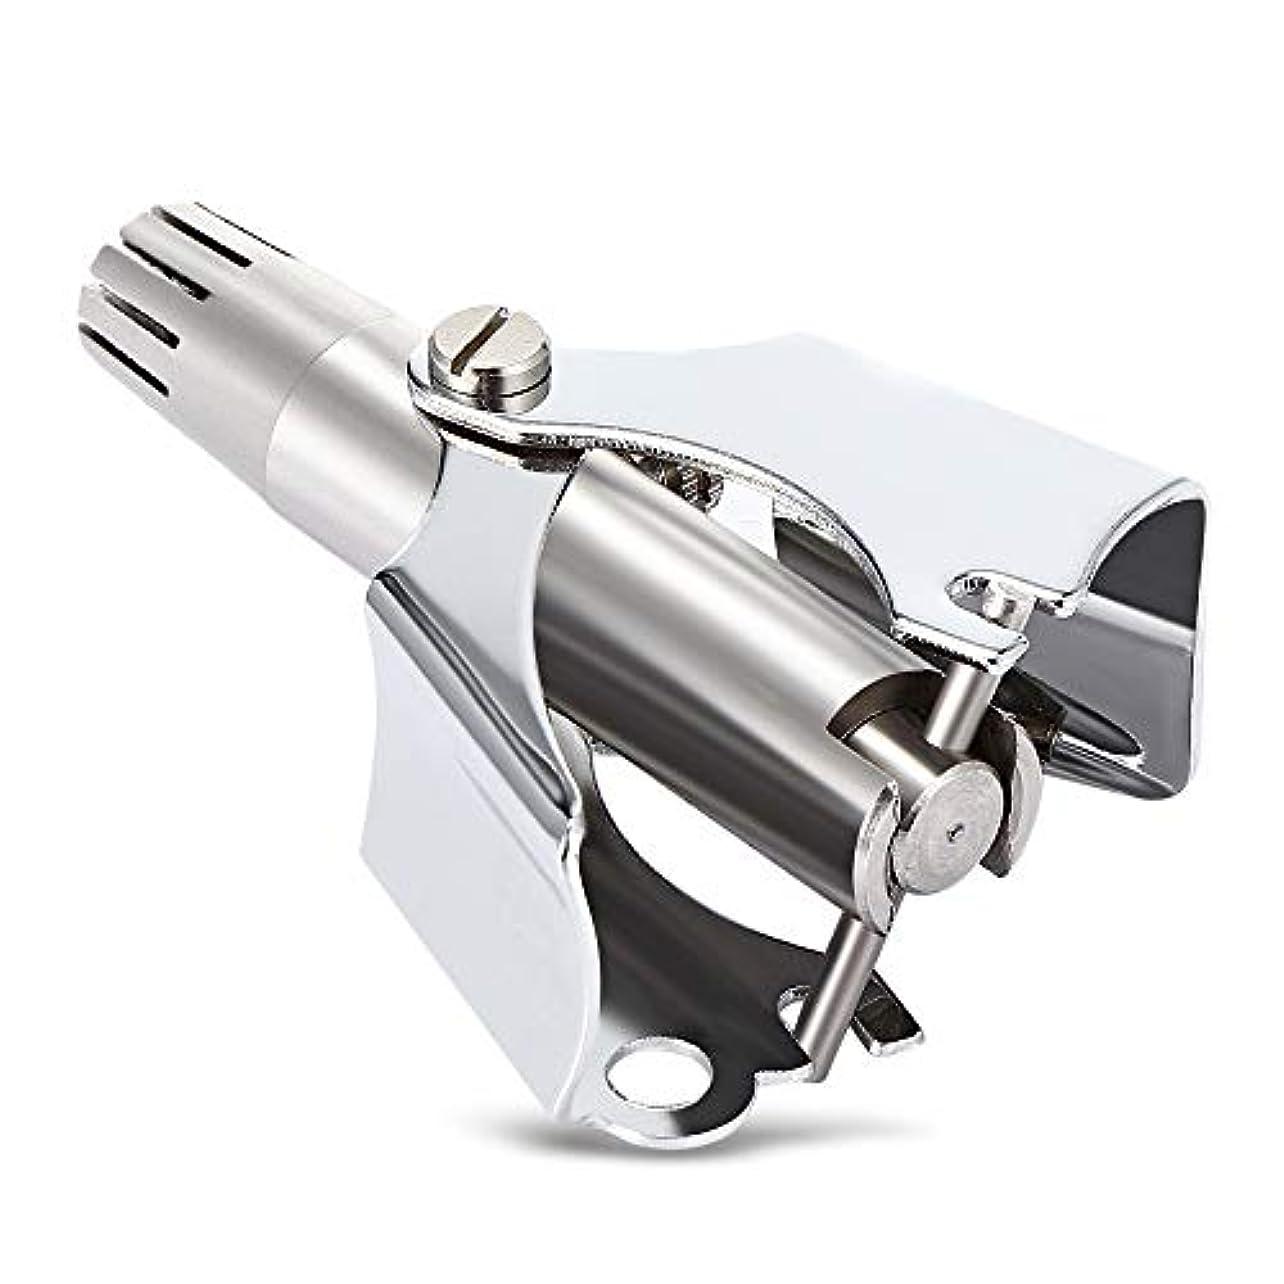 葉ライラッククレーン鼻毛カッター JPC 手動 水洗い バッテリー不要 ステンレス メンズ レディーズ 連動式 収納ケース ブラシ付き 鼻毛処理 使用簡単 安心安全